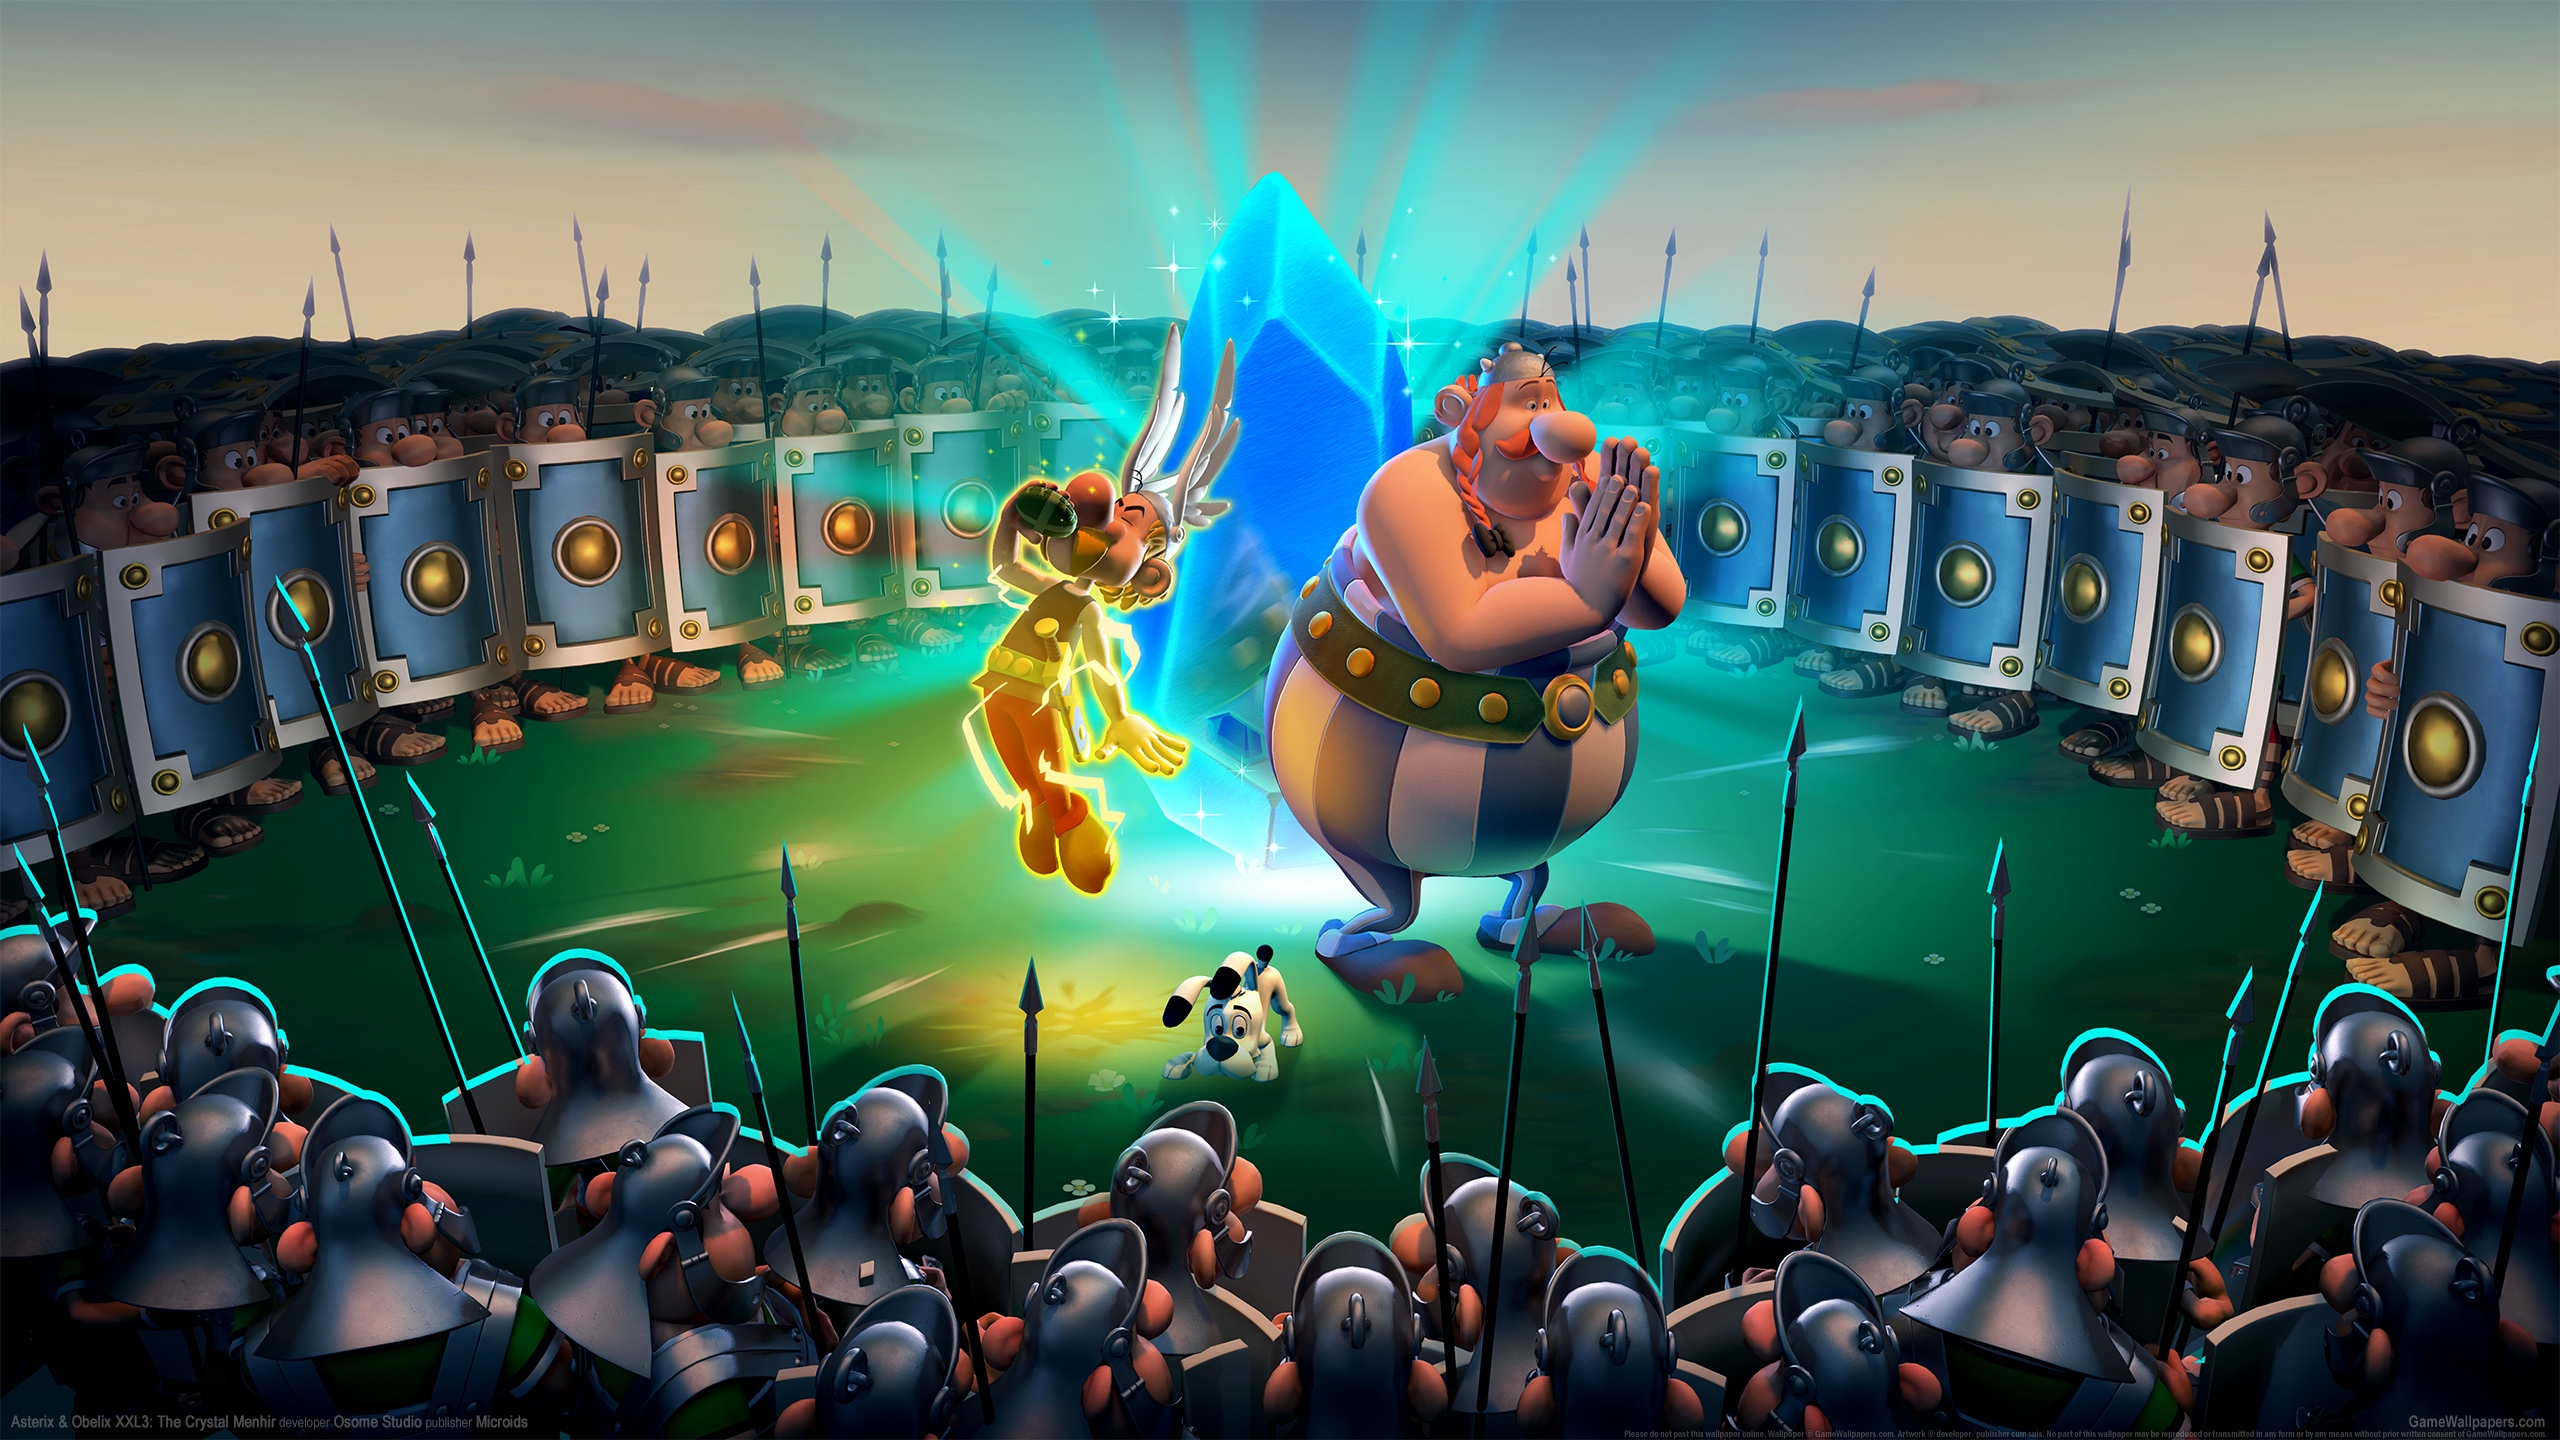 Asterix & Obelix XXL3: The Crystal Menhir 2560x1440 Hintergrundbild 01